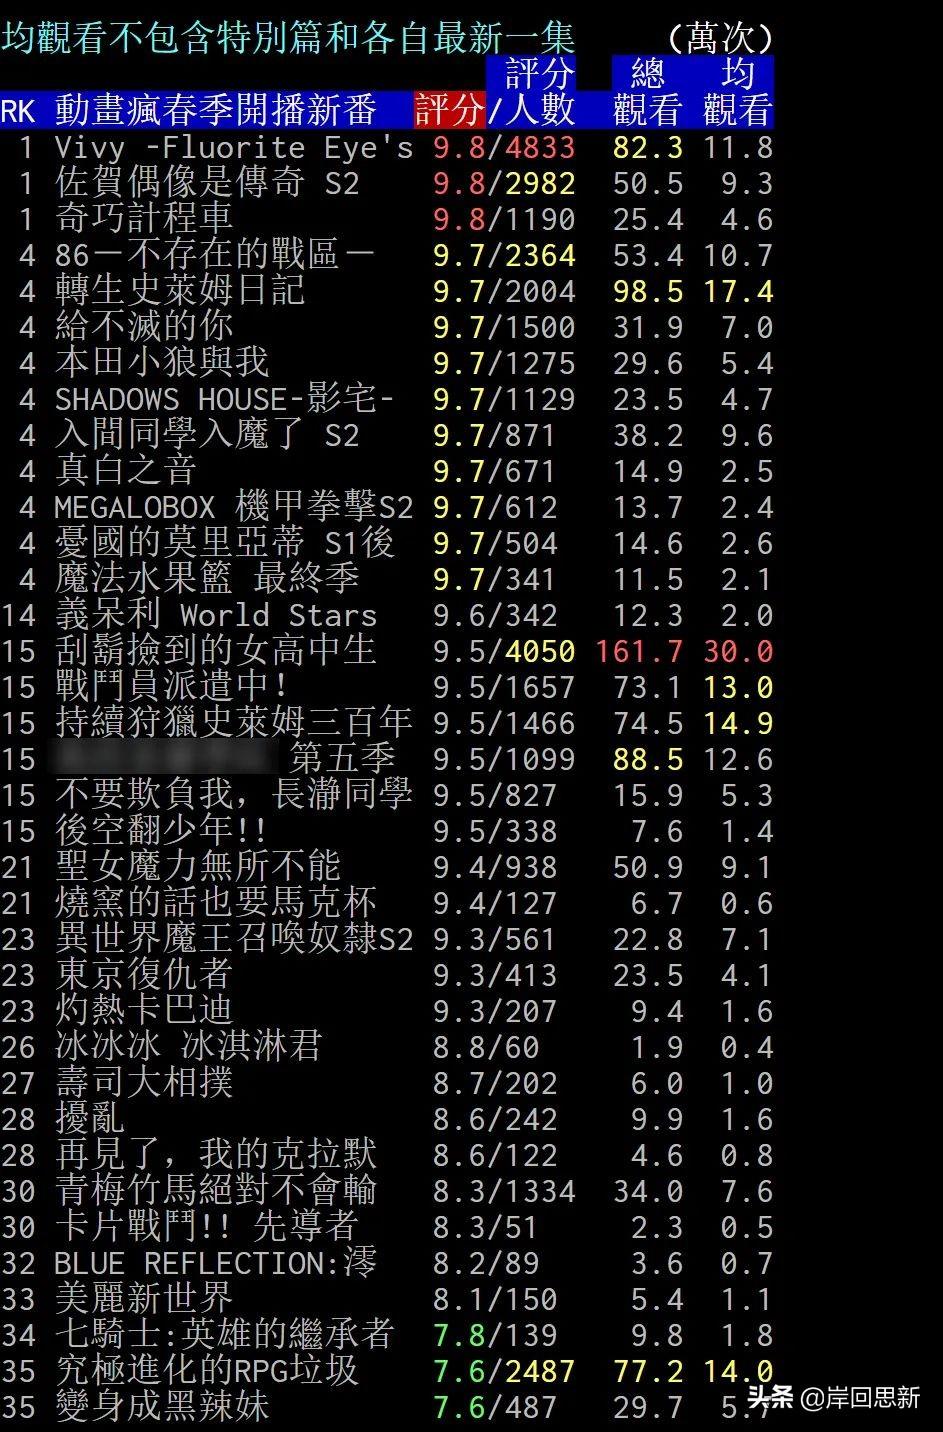 春季新番台灣人氣排名:霸權番是剃須!薇薇只贏在評分上?